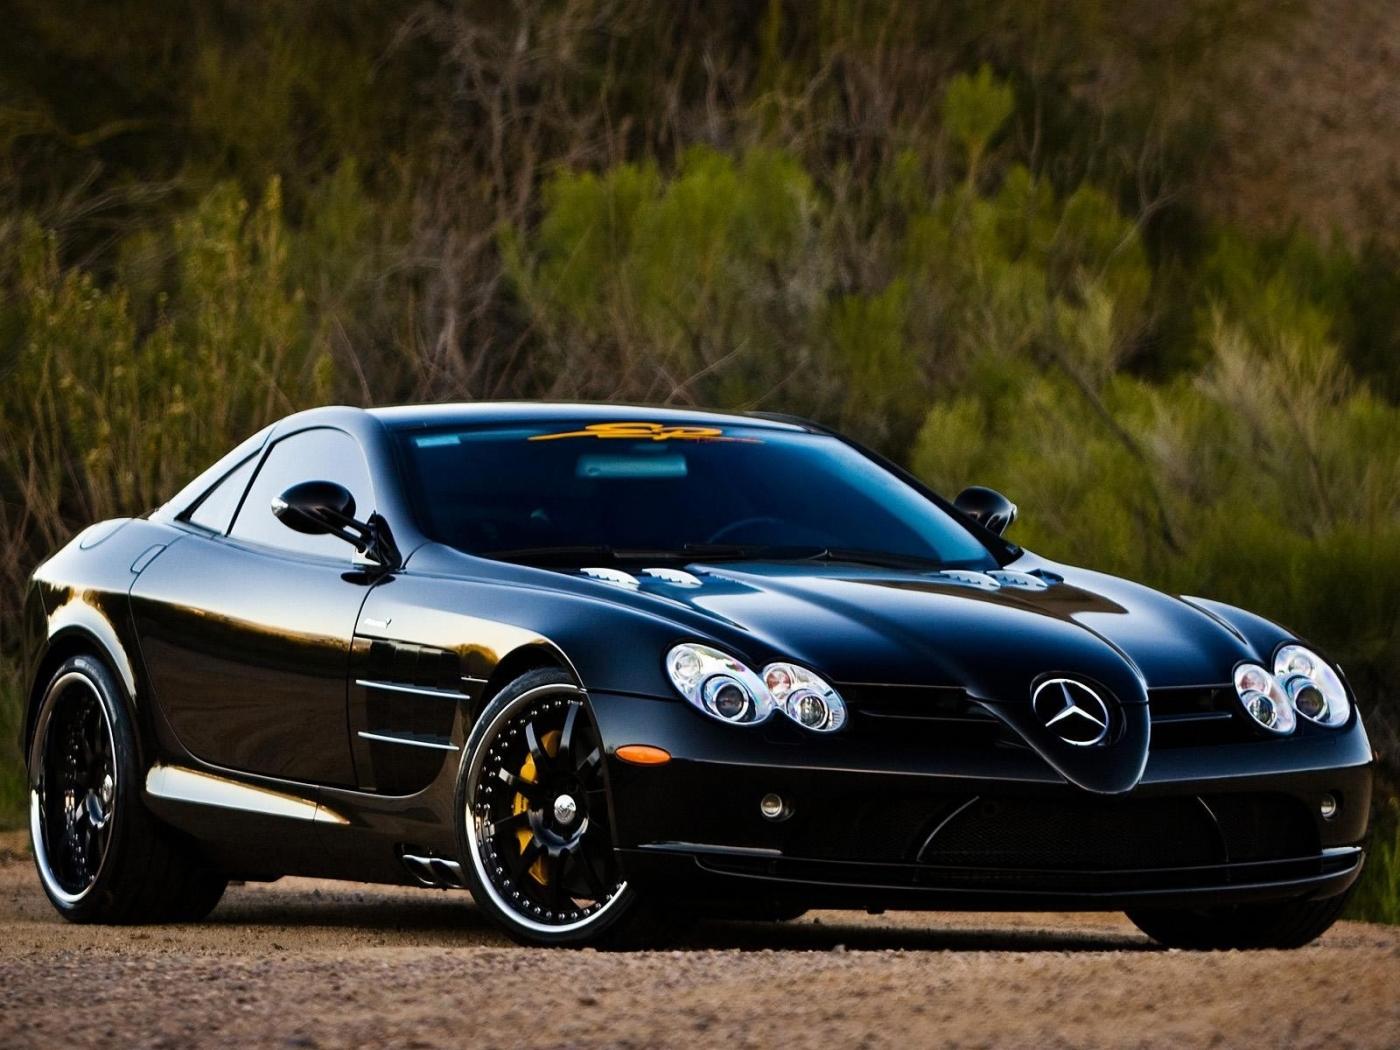 40574 скачать обои Транспорт, Машины, Мерседес (Mercedes) - заставки и картинки бесплатно